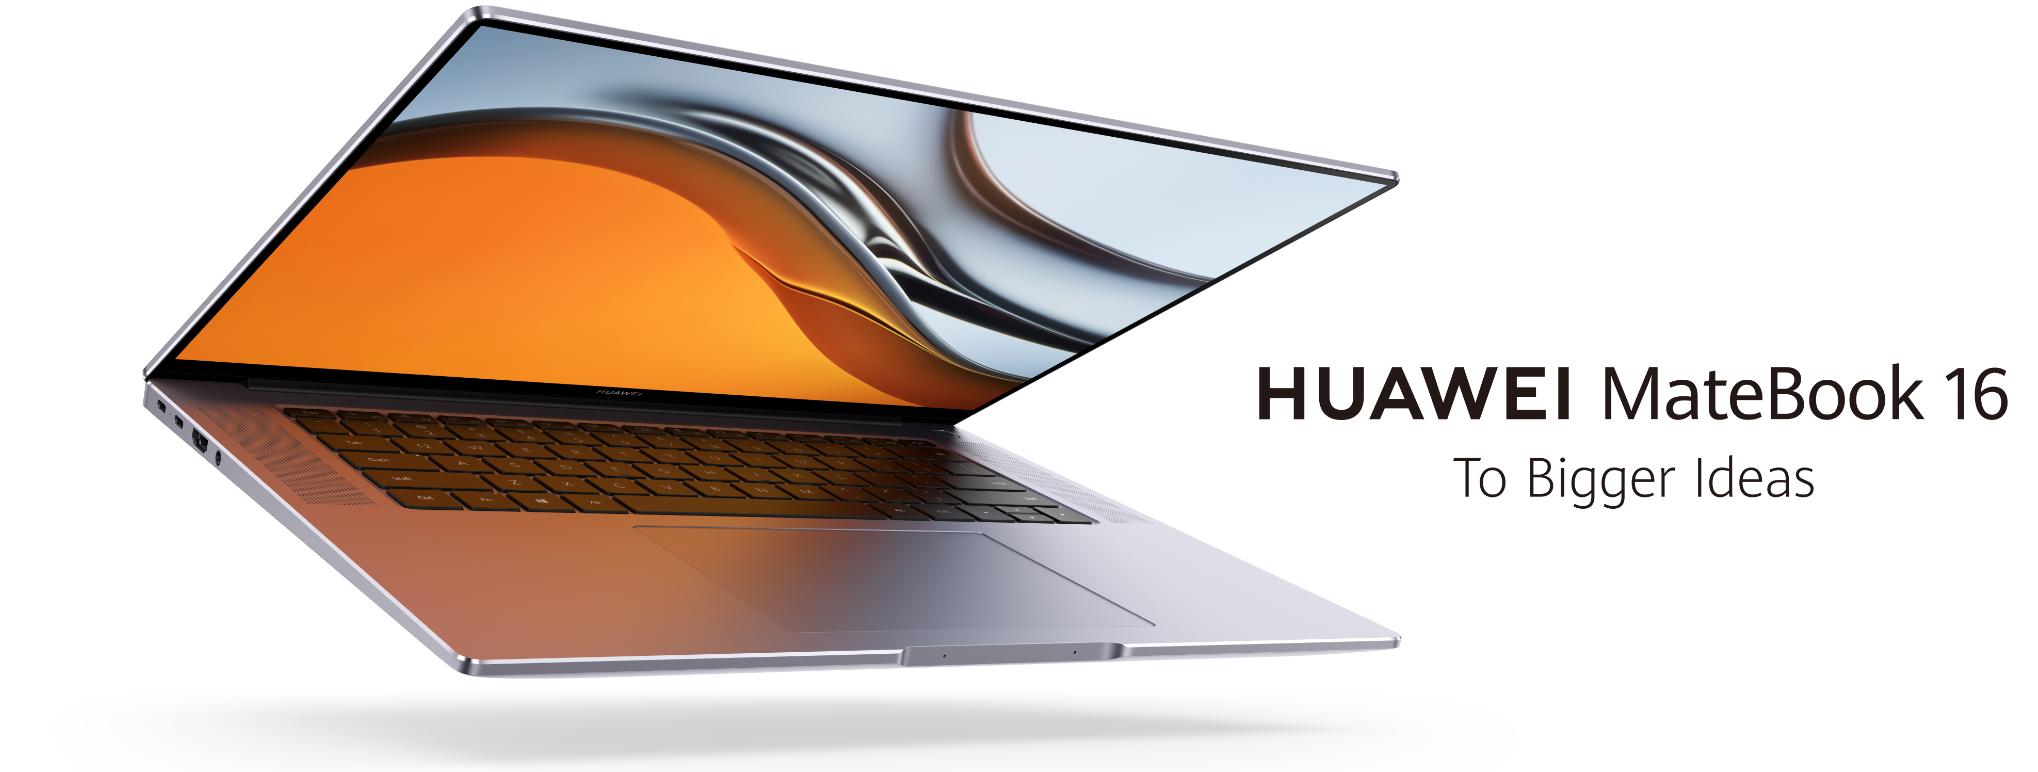 """全球首款莱茵专业色准认证笔记本,HUAWEI MateBook 16带你 """"眼见为实"""""""